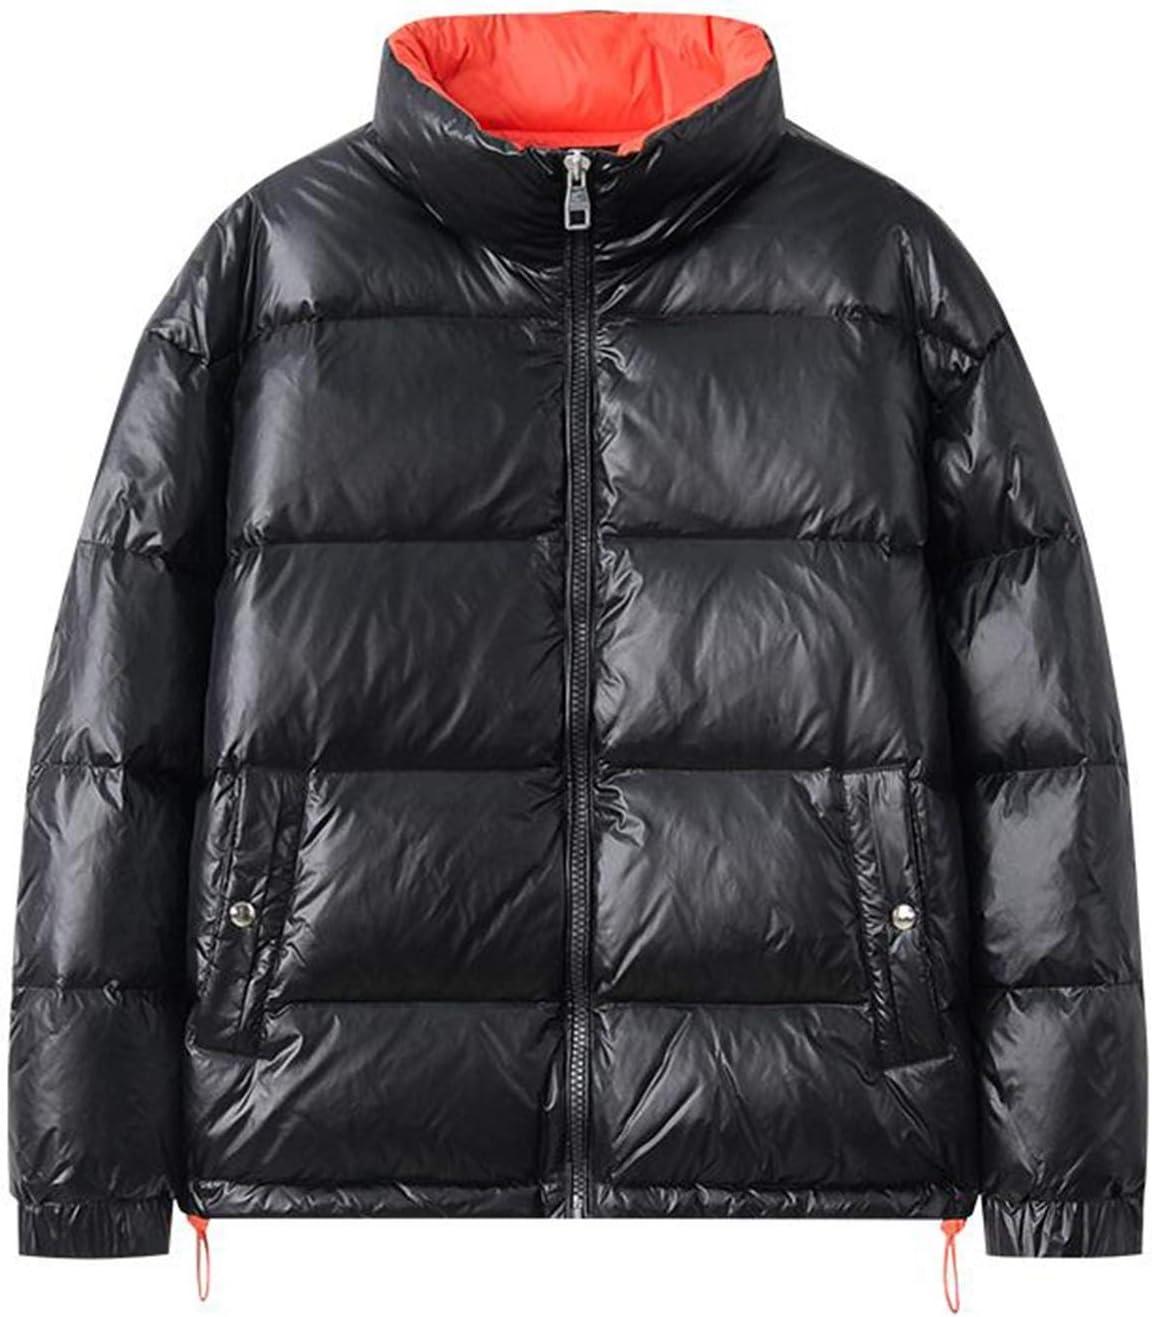 Chaqueta brillante brillo abajo los hombres del invierno, el 90% de enganche contenido Collar sólido soporte de color engrosada chaqueta caliente hacia abajo, tendencia de la moda del color del contra